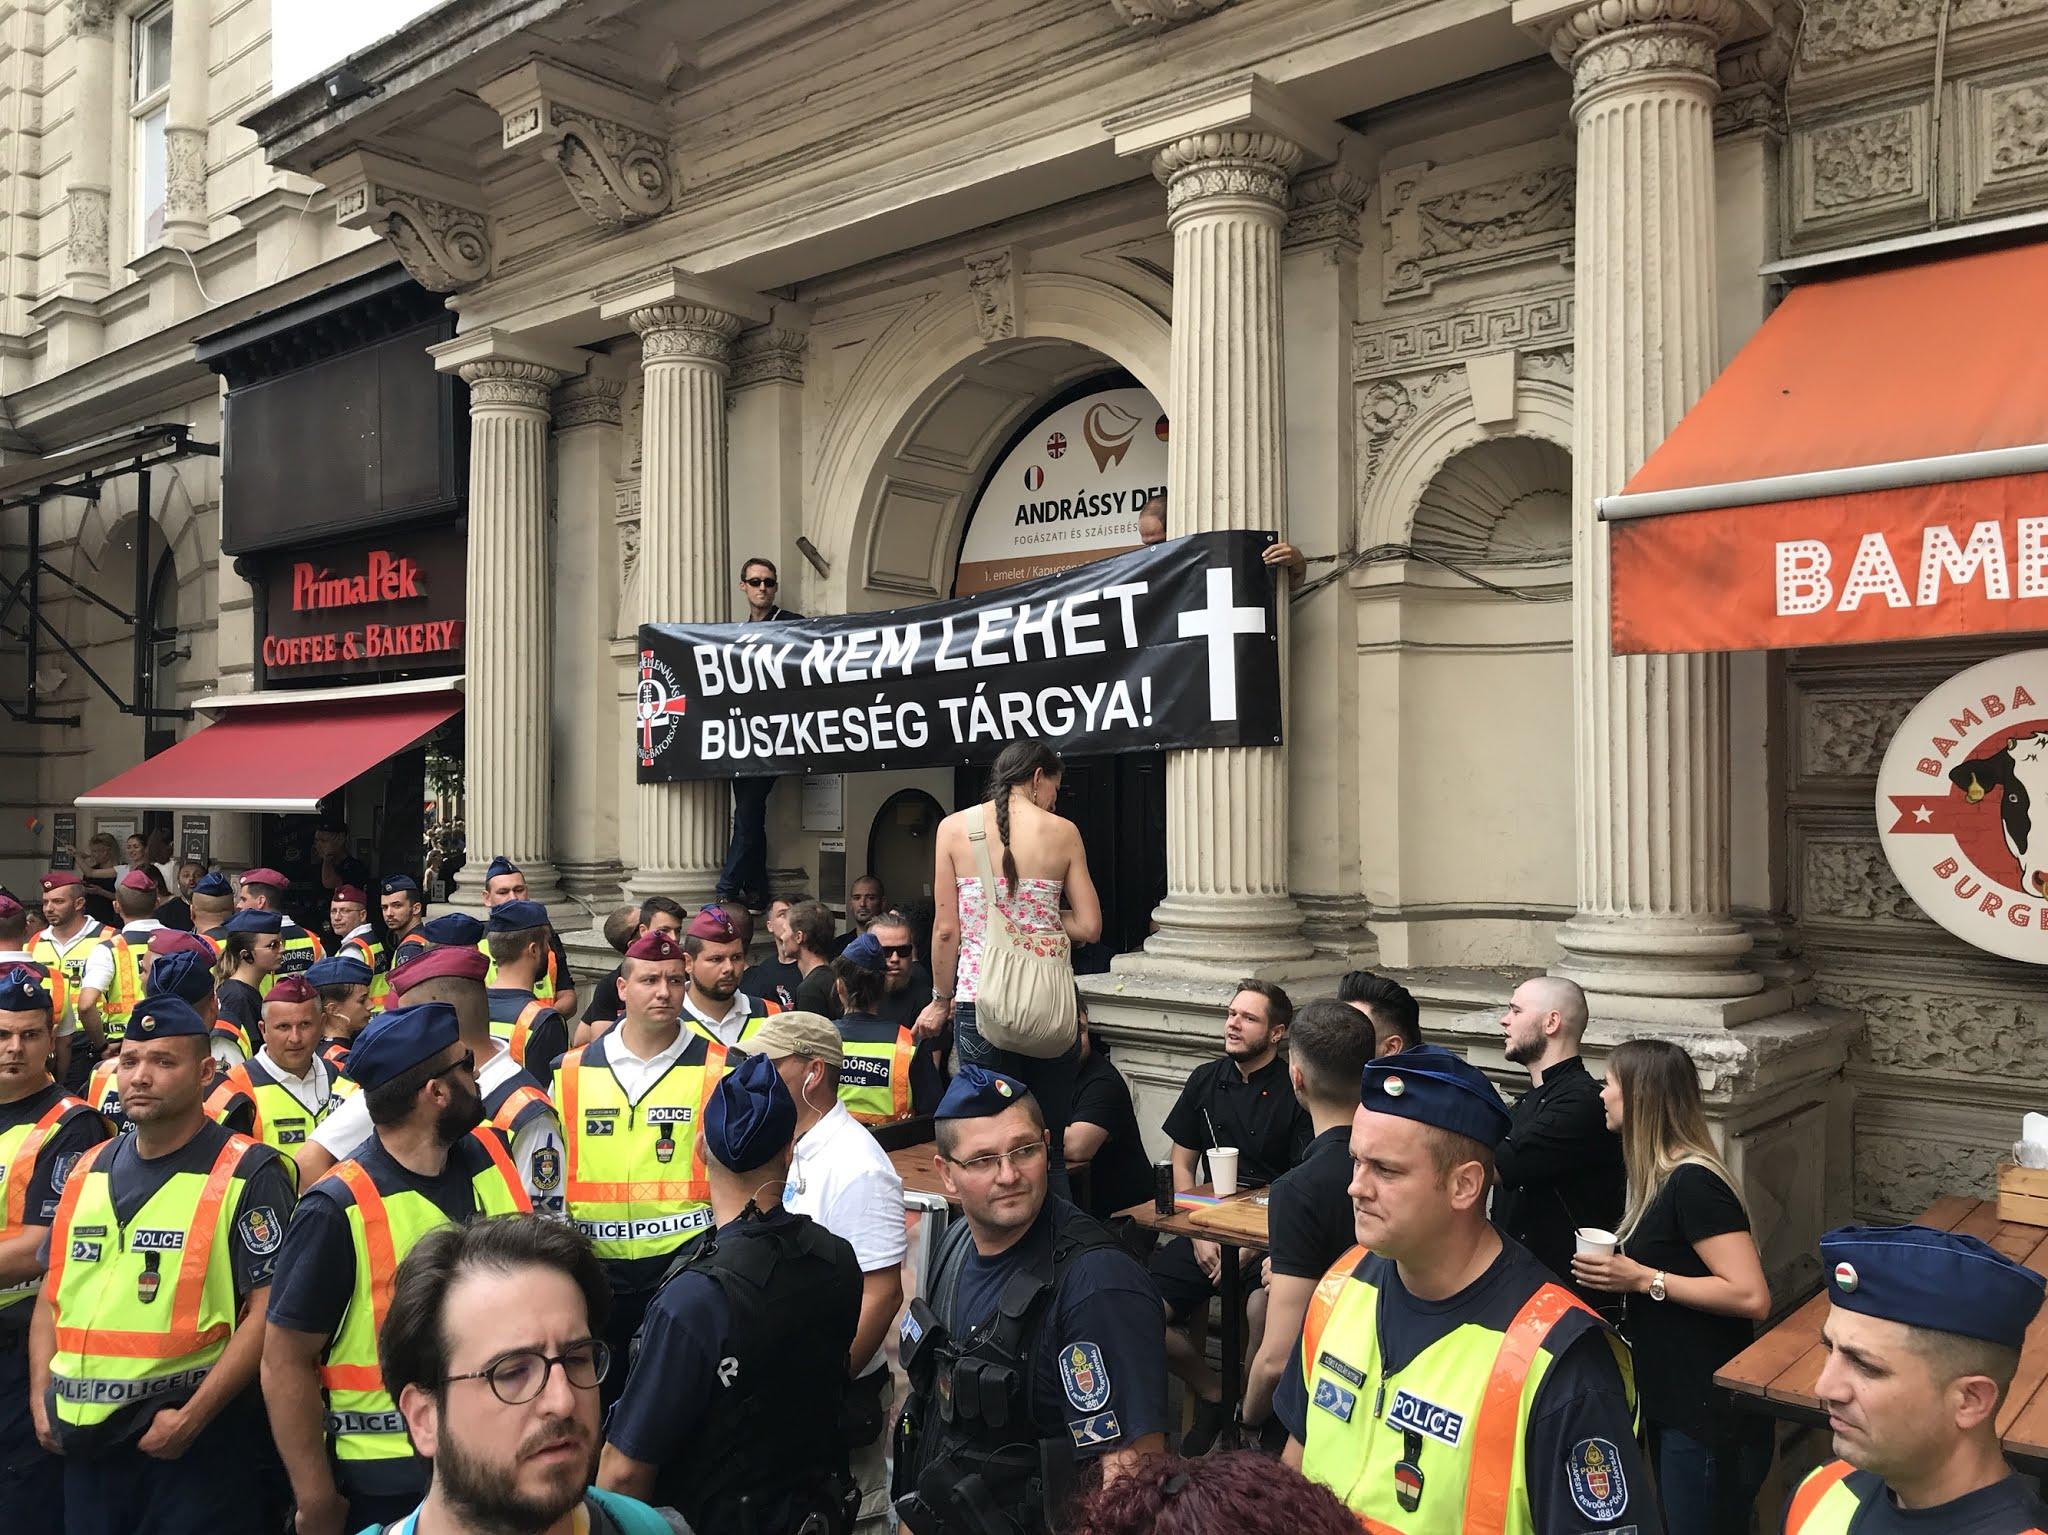 Néhány ellentüntetőnek sikerült átjutnia a kordonon, élőlánccal akarták elállni a Pride útját